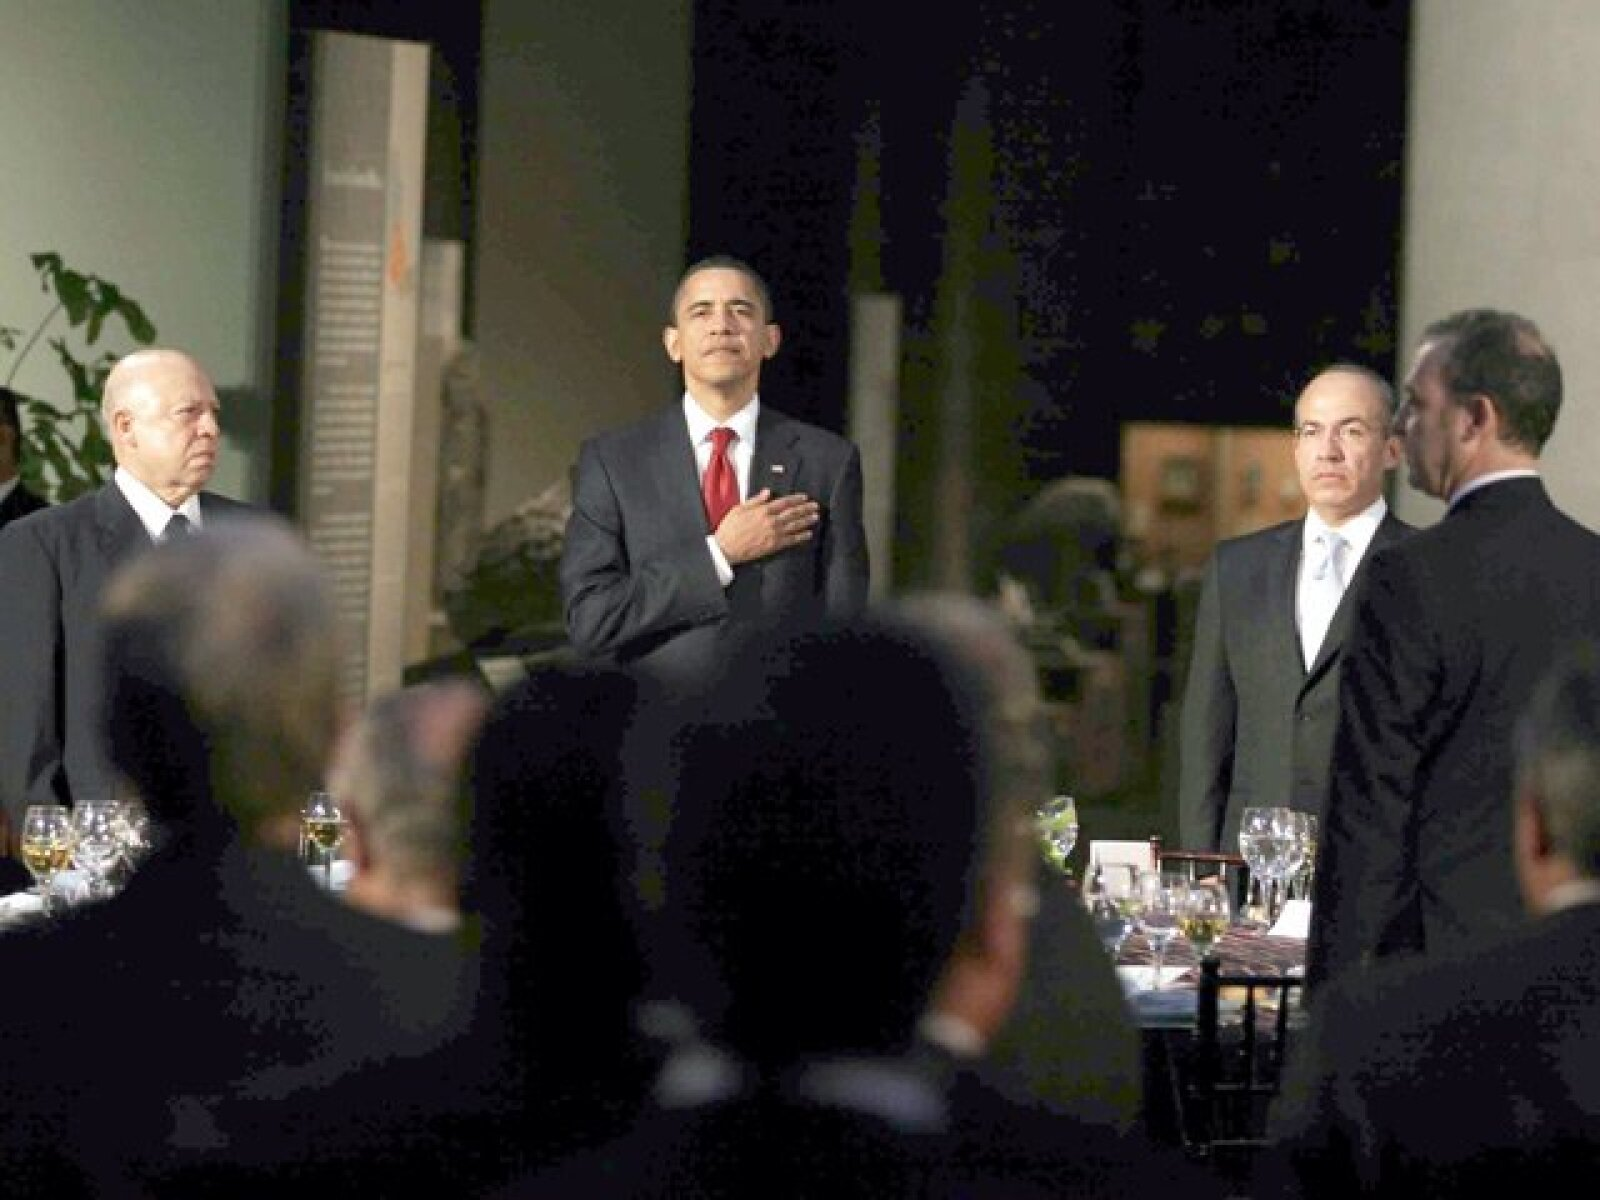 Muy patriota y serio, Barack Obama escuchó el himno de su país.